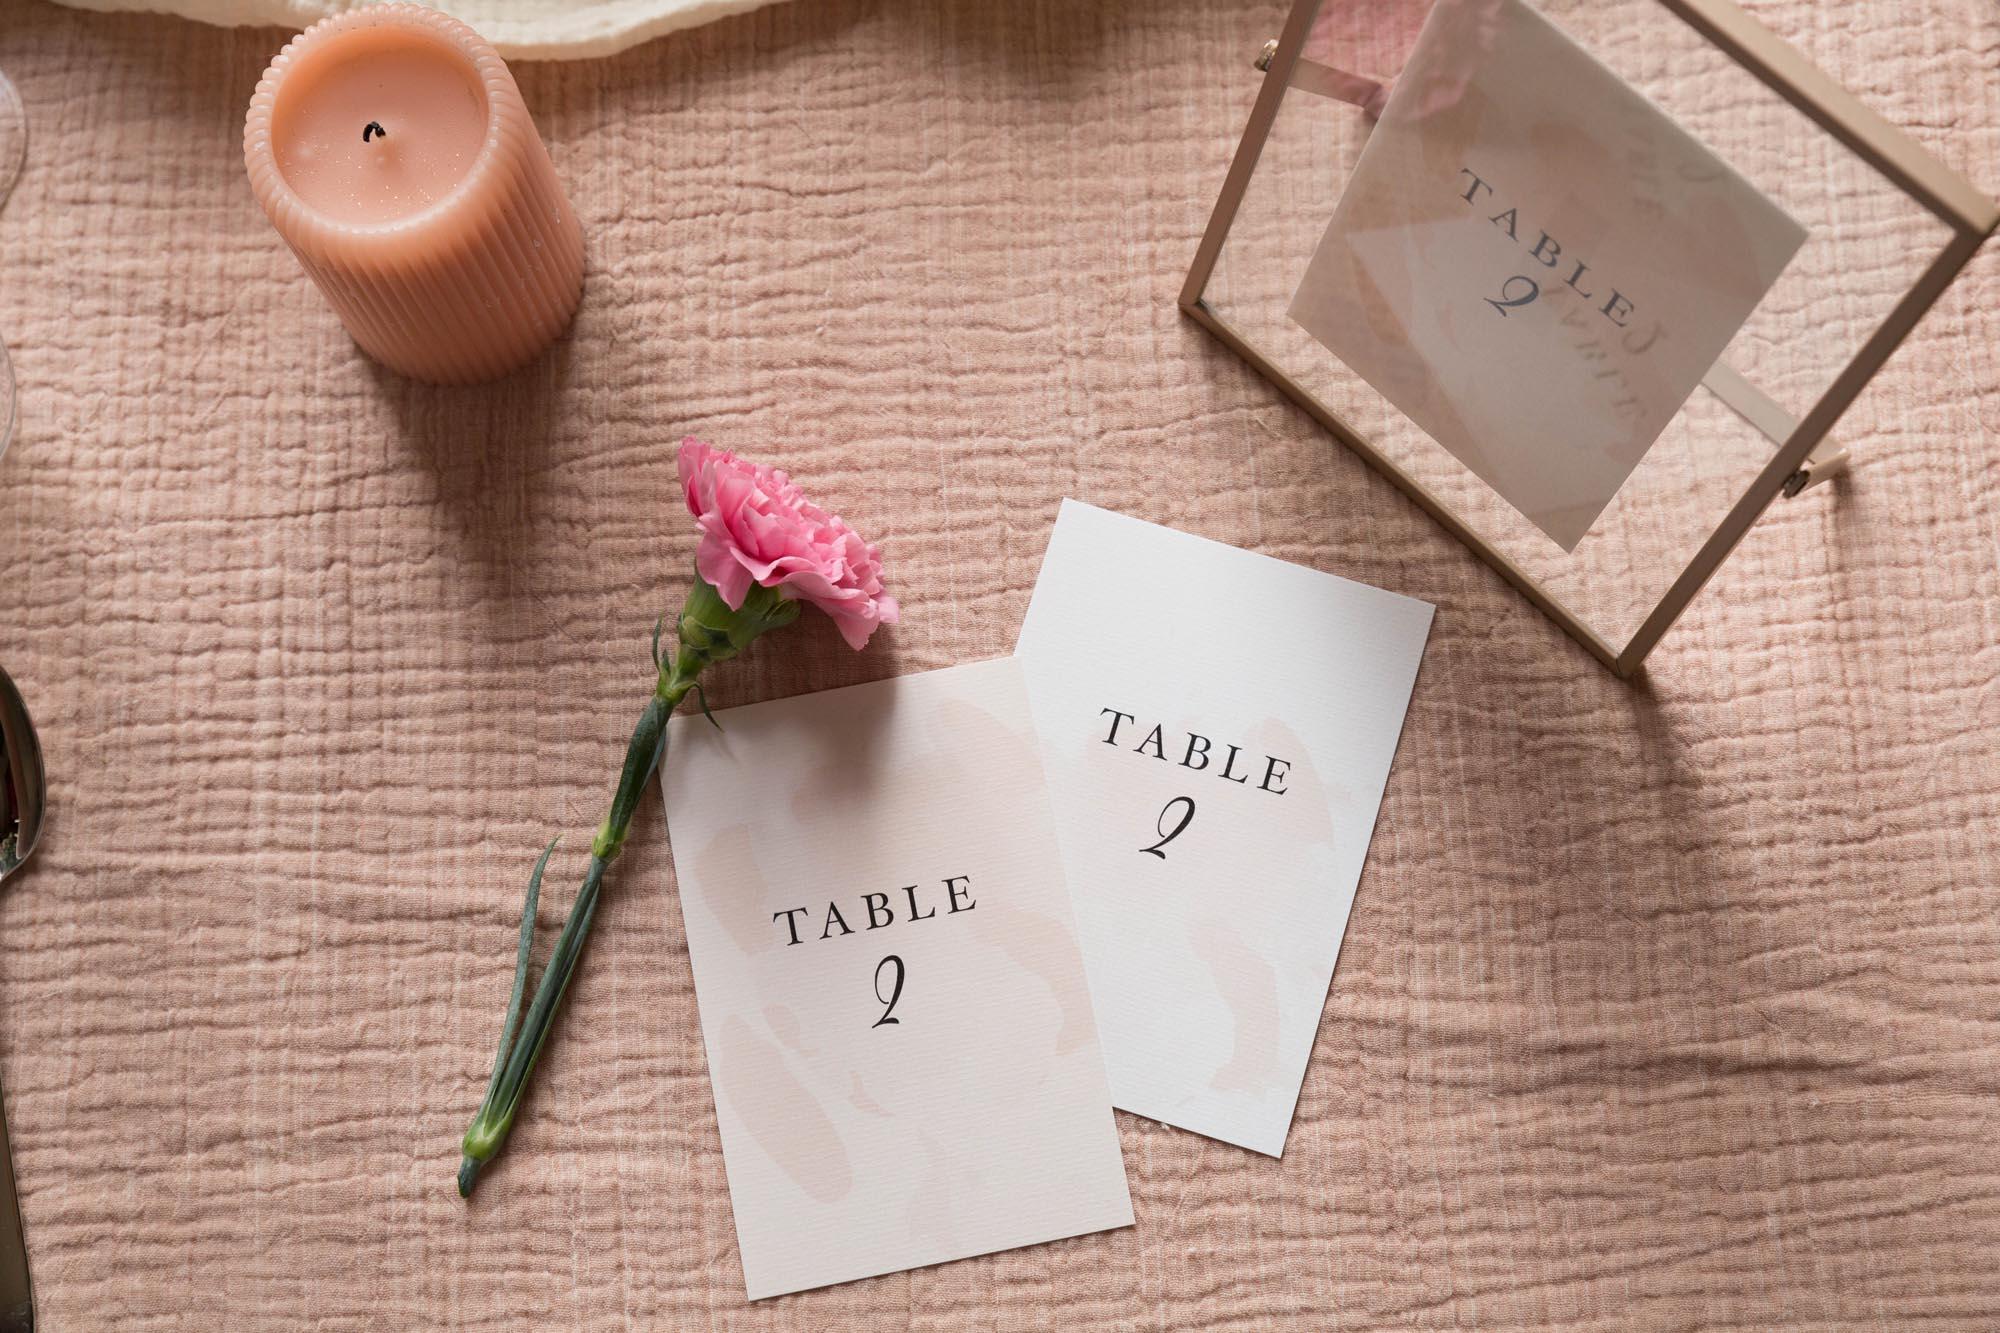 Nom de table invités mariage collection Blush couleurs rose, rose poudré, rose clair, blanc, mariage thèmes doux, romantique